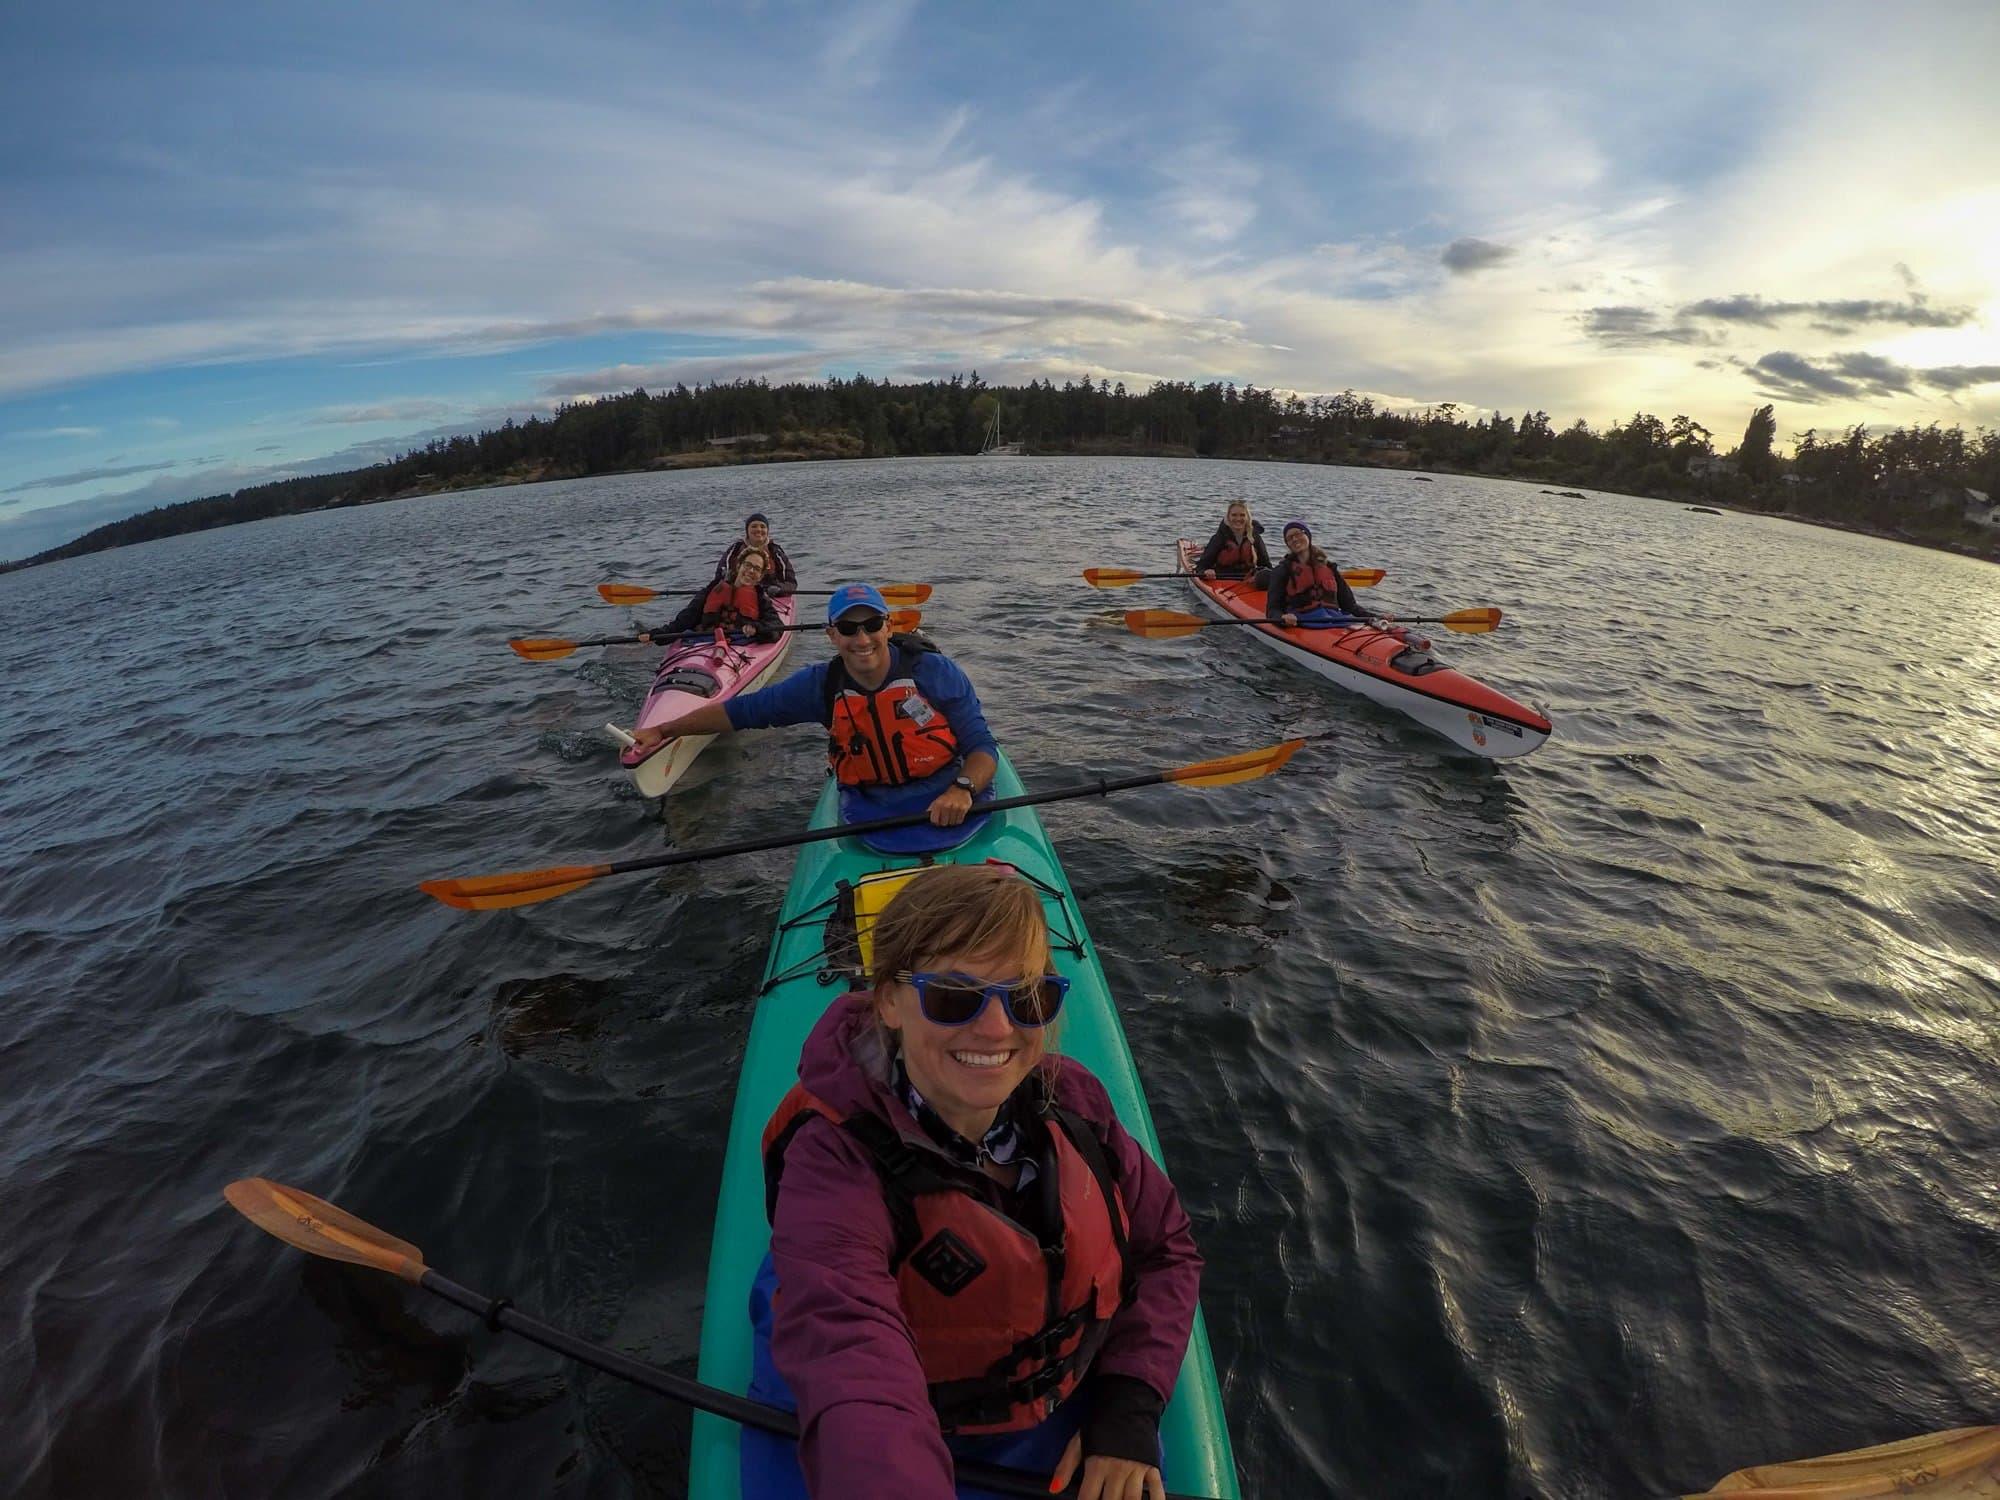 San Juan Islands Kayaking // Learn what to bring kayaking in this blog post